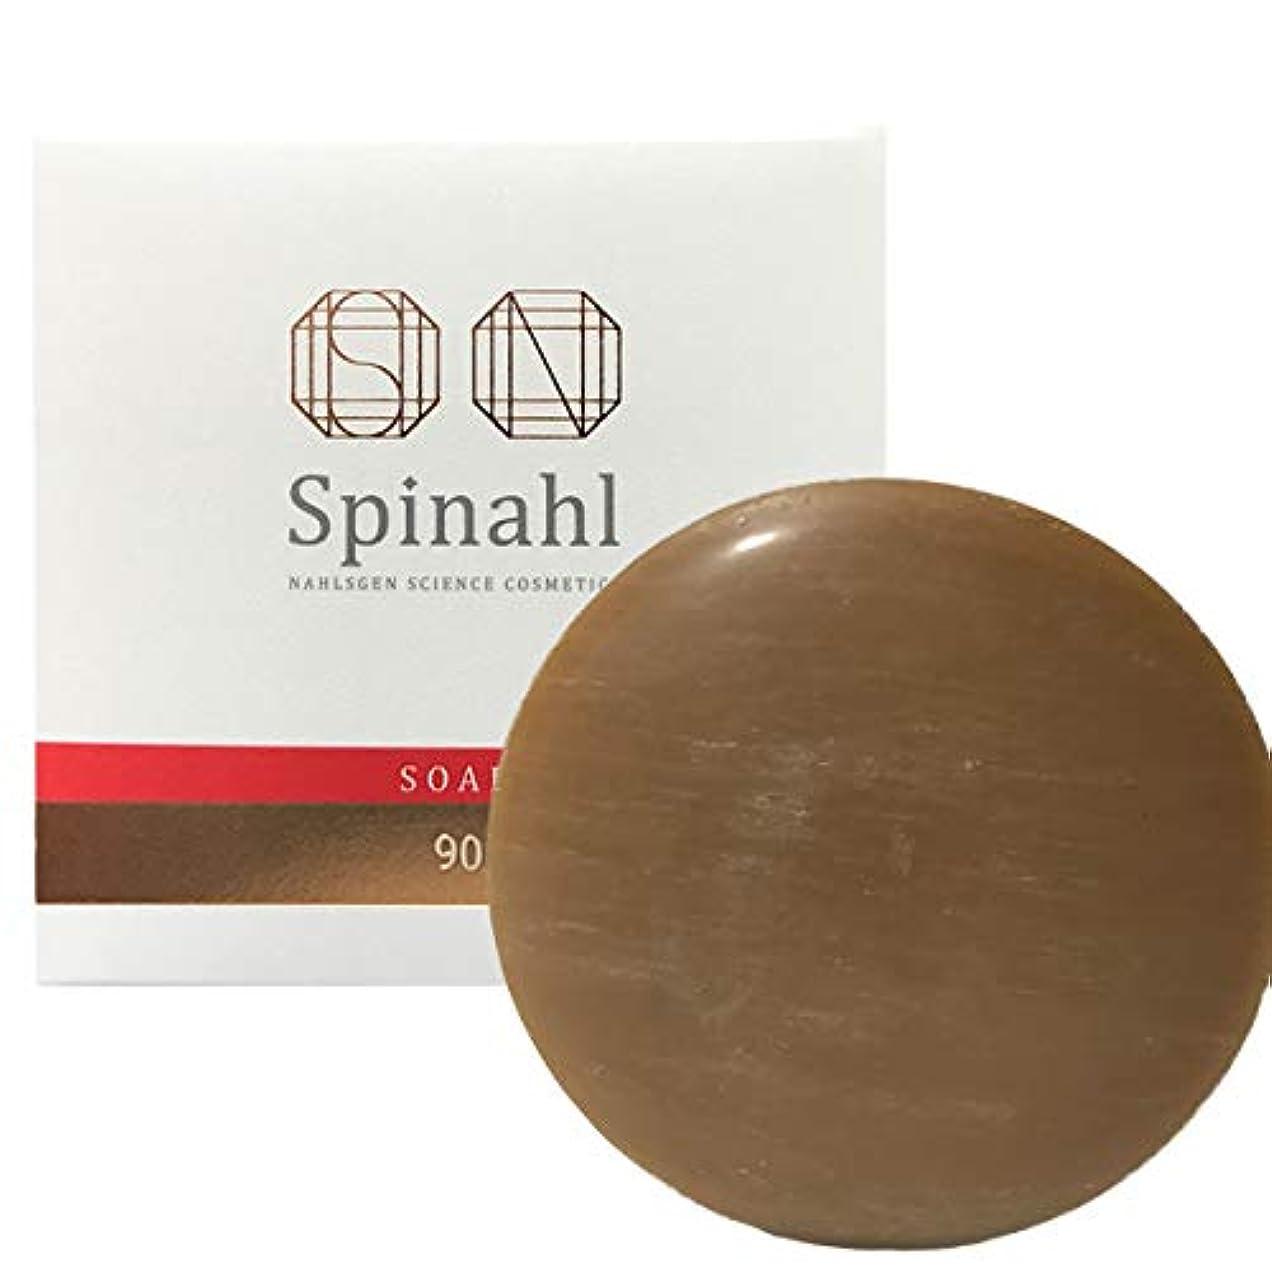 黄ばむフリッパーボーダースピナールソープ Spinahl soap 2個セット